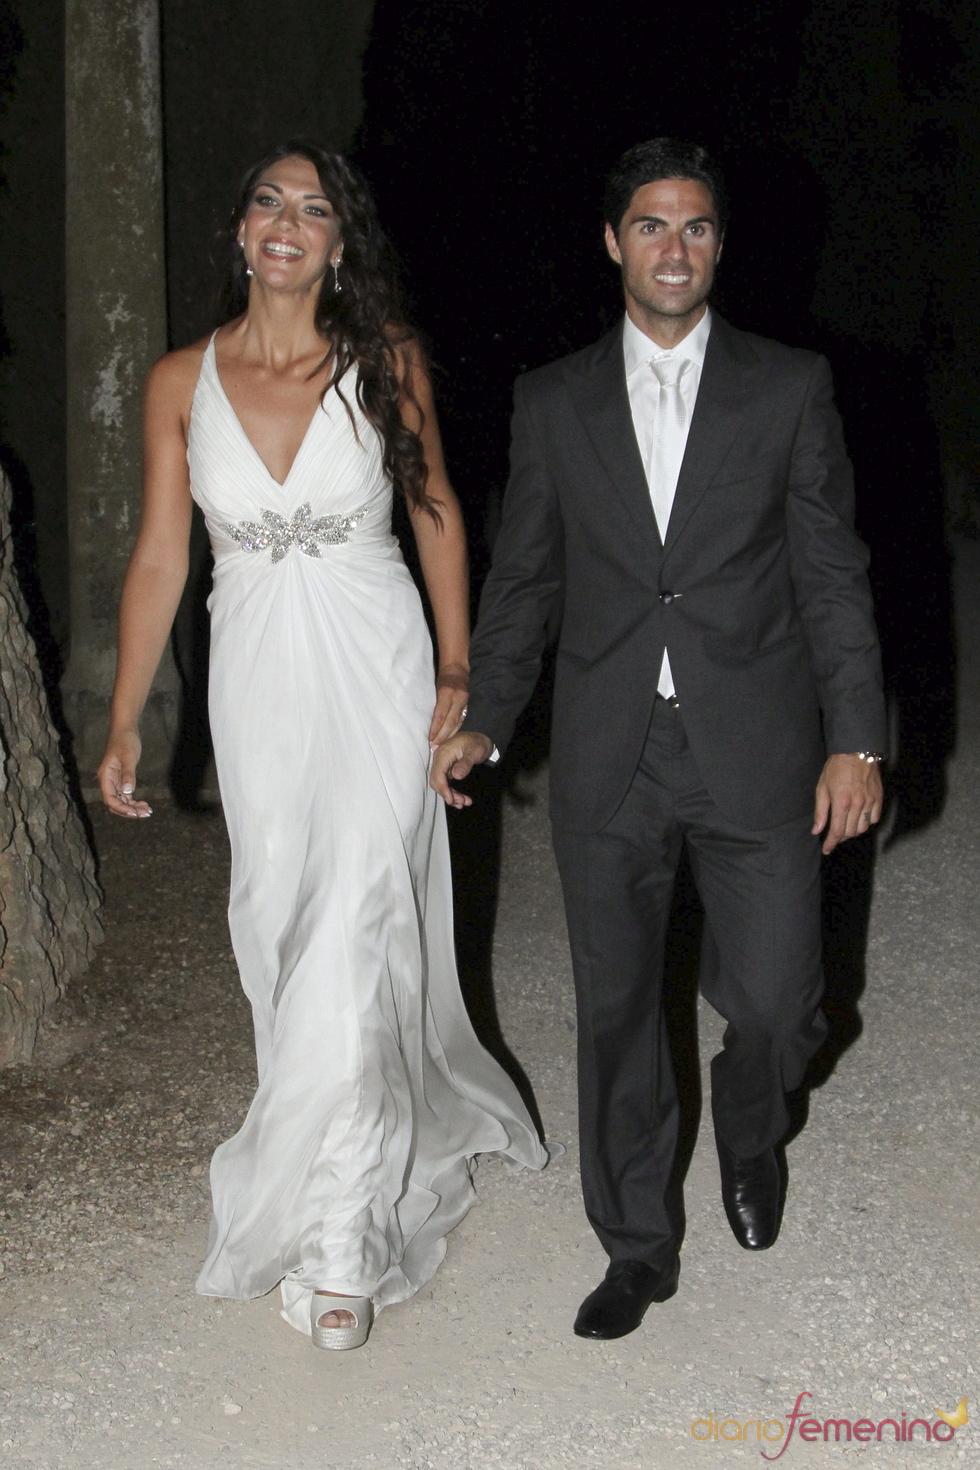 Lorena Bernal y Miker Arteta, felices en su boda